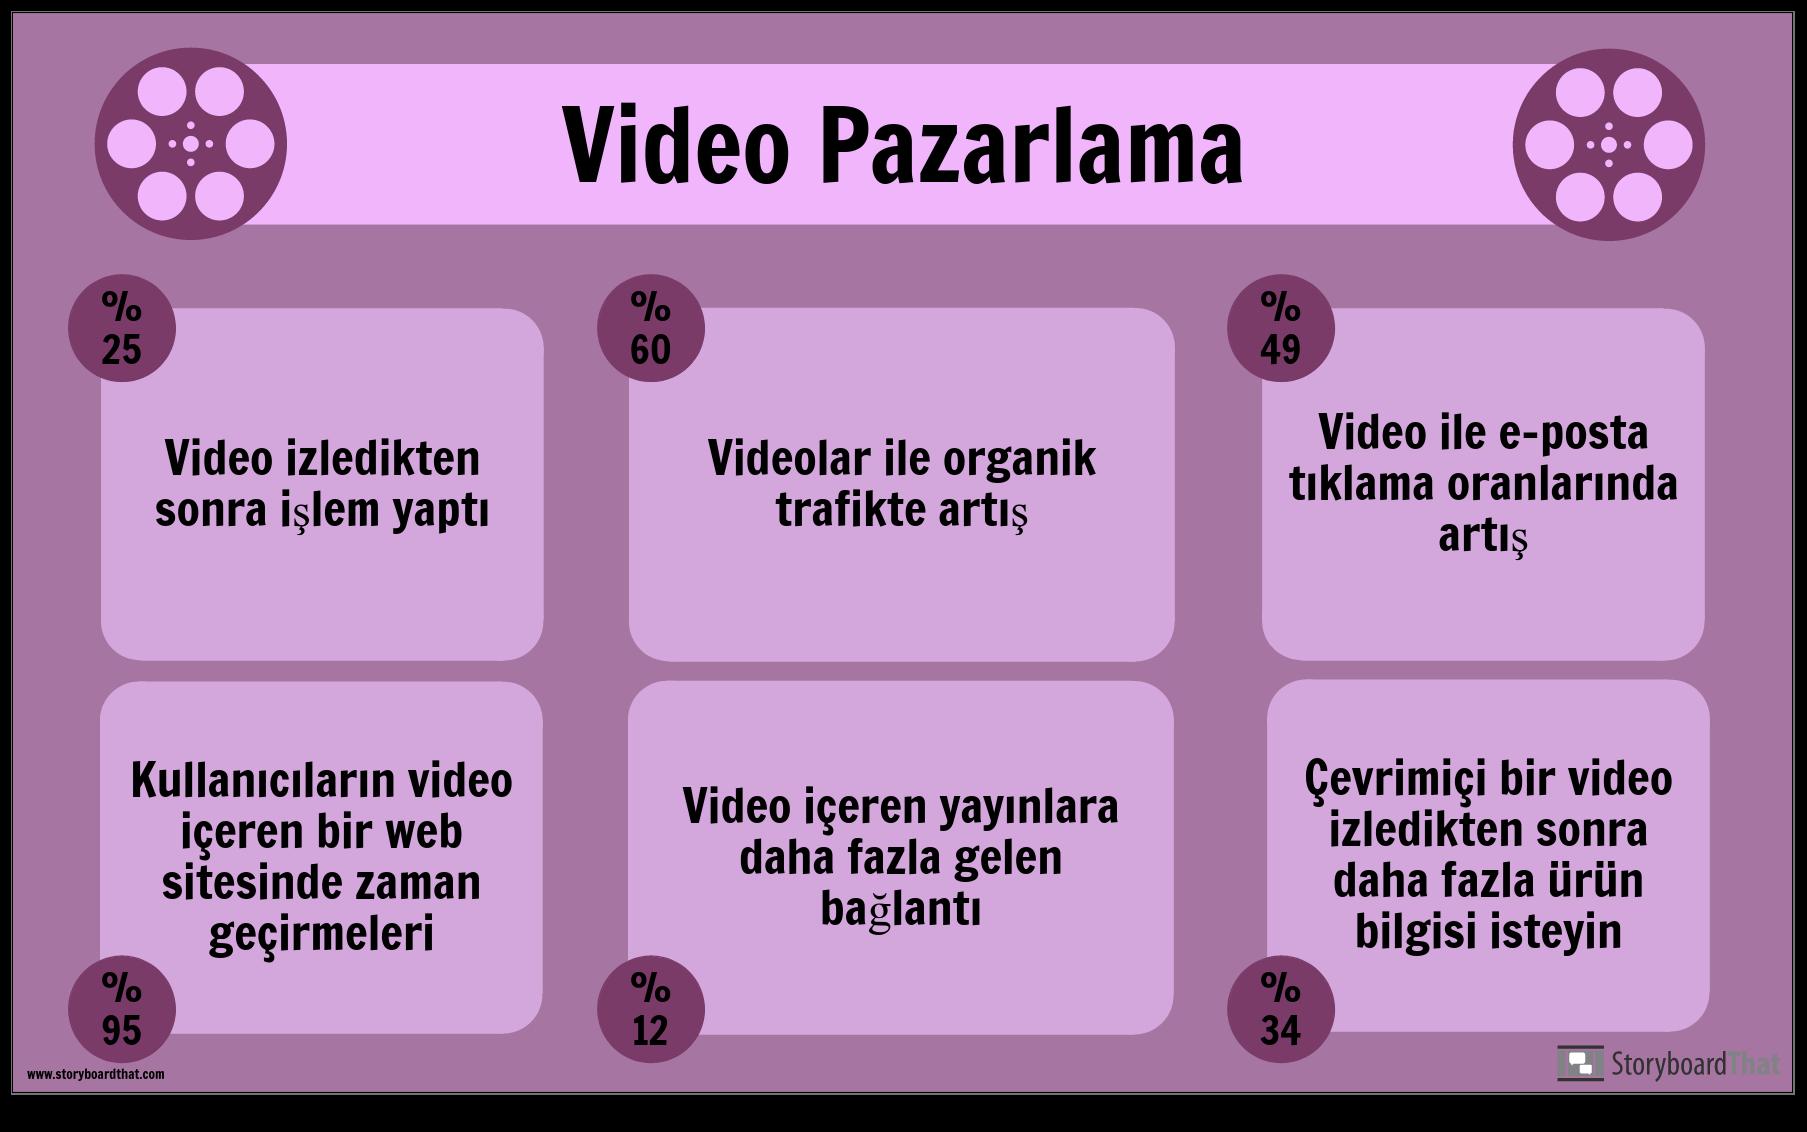 Video Pazarlama-Örnek